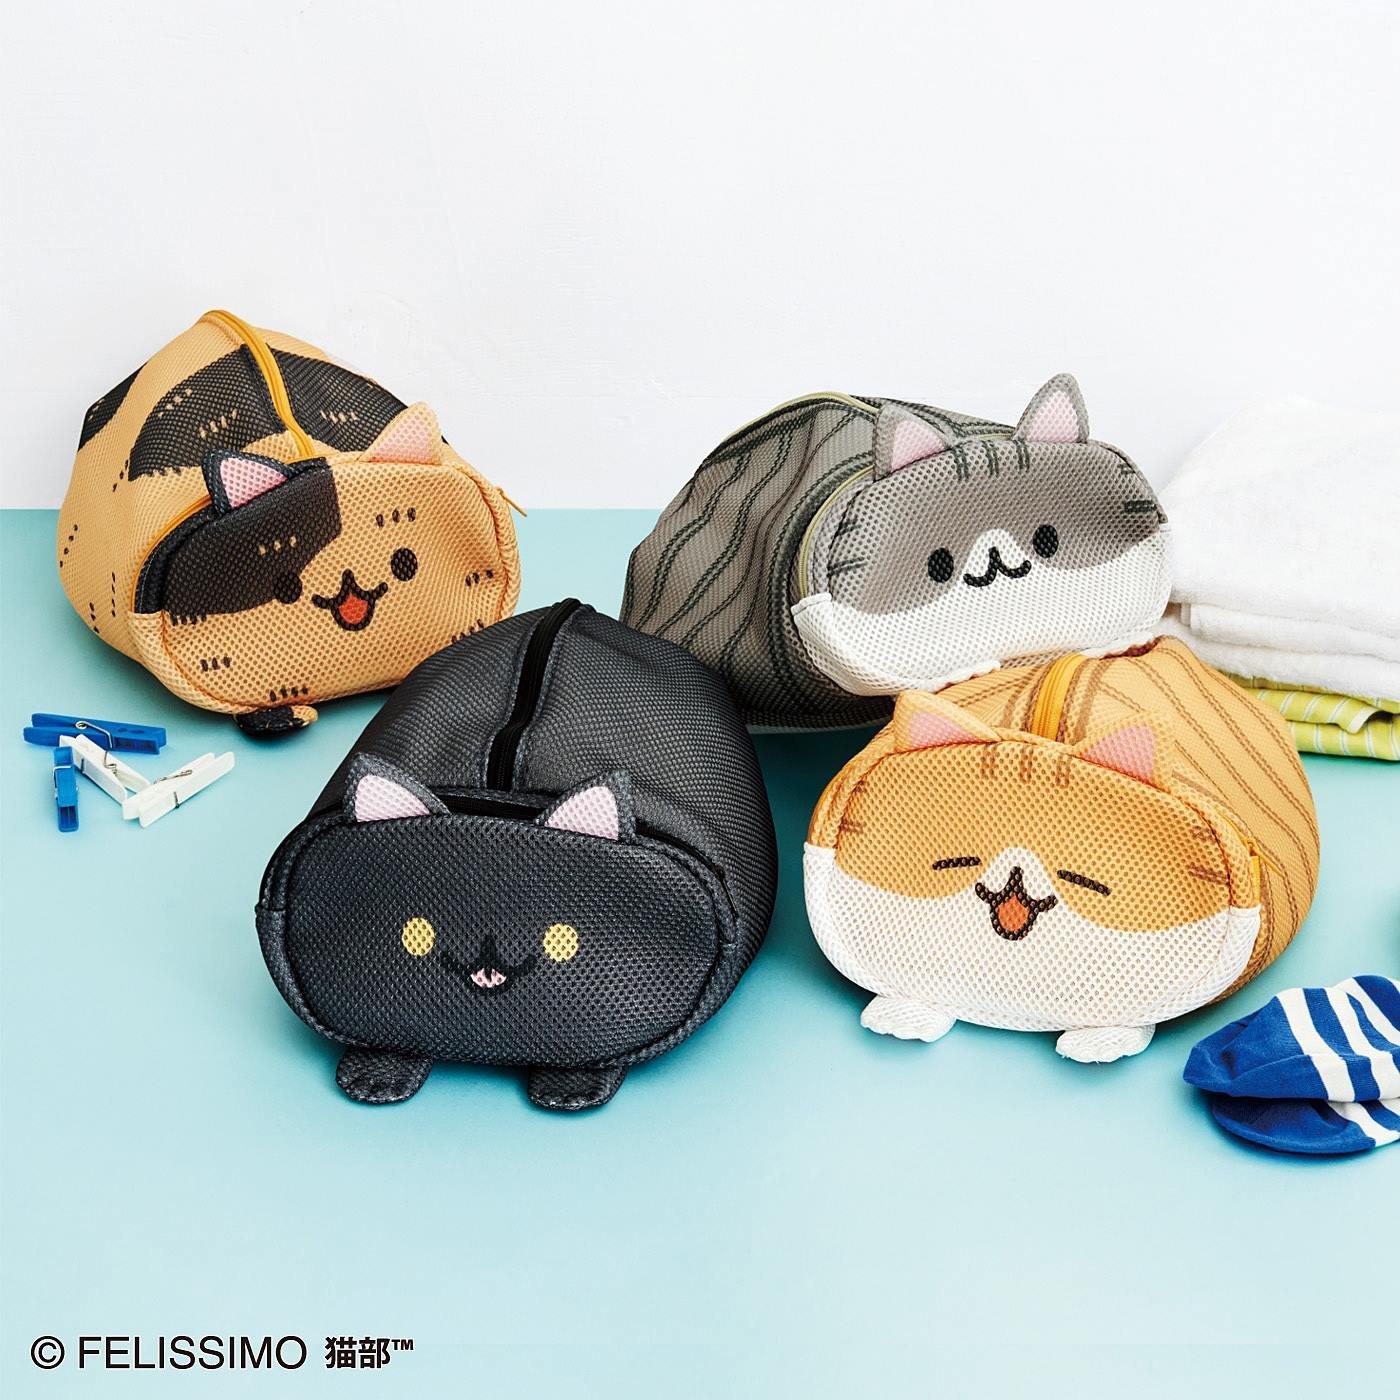 995さんとコラボ ふたつのポケットが便利! 香箱座り猫のお洗濯ポーチの会